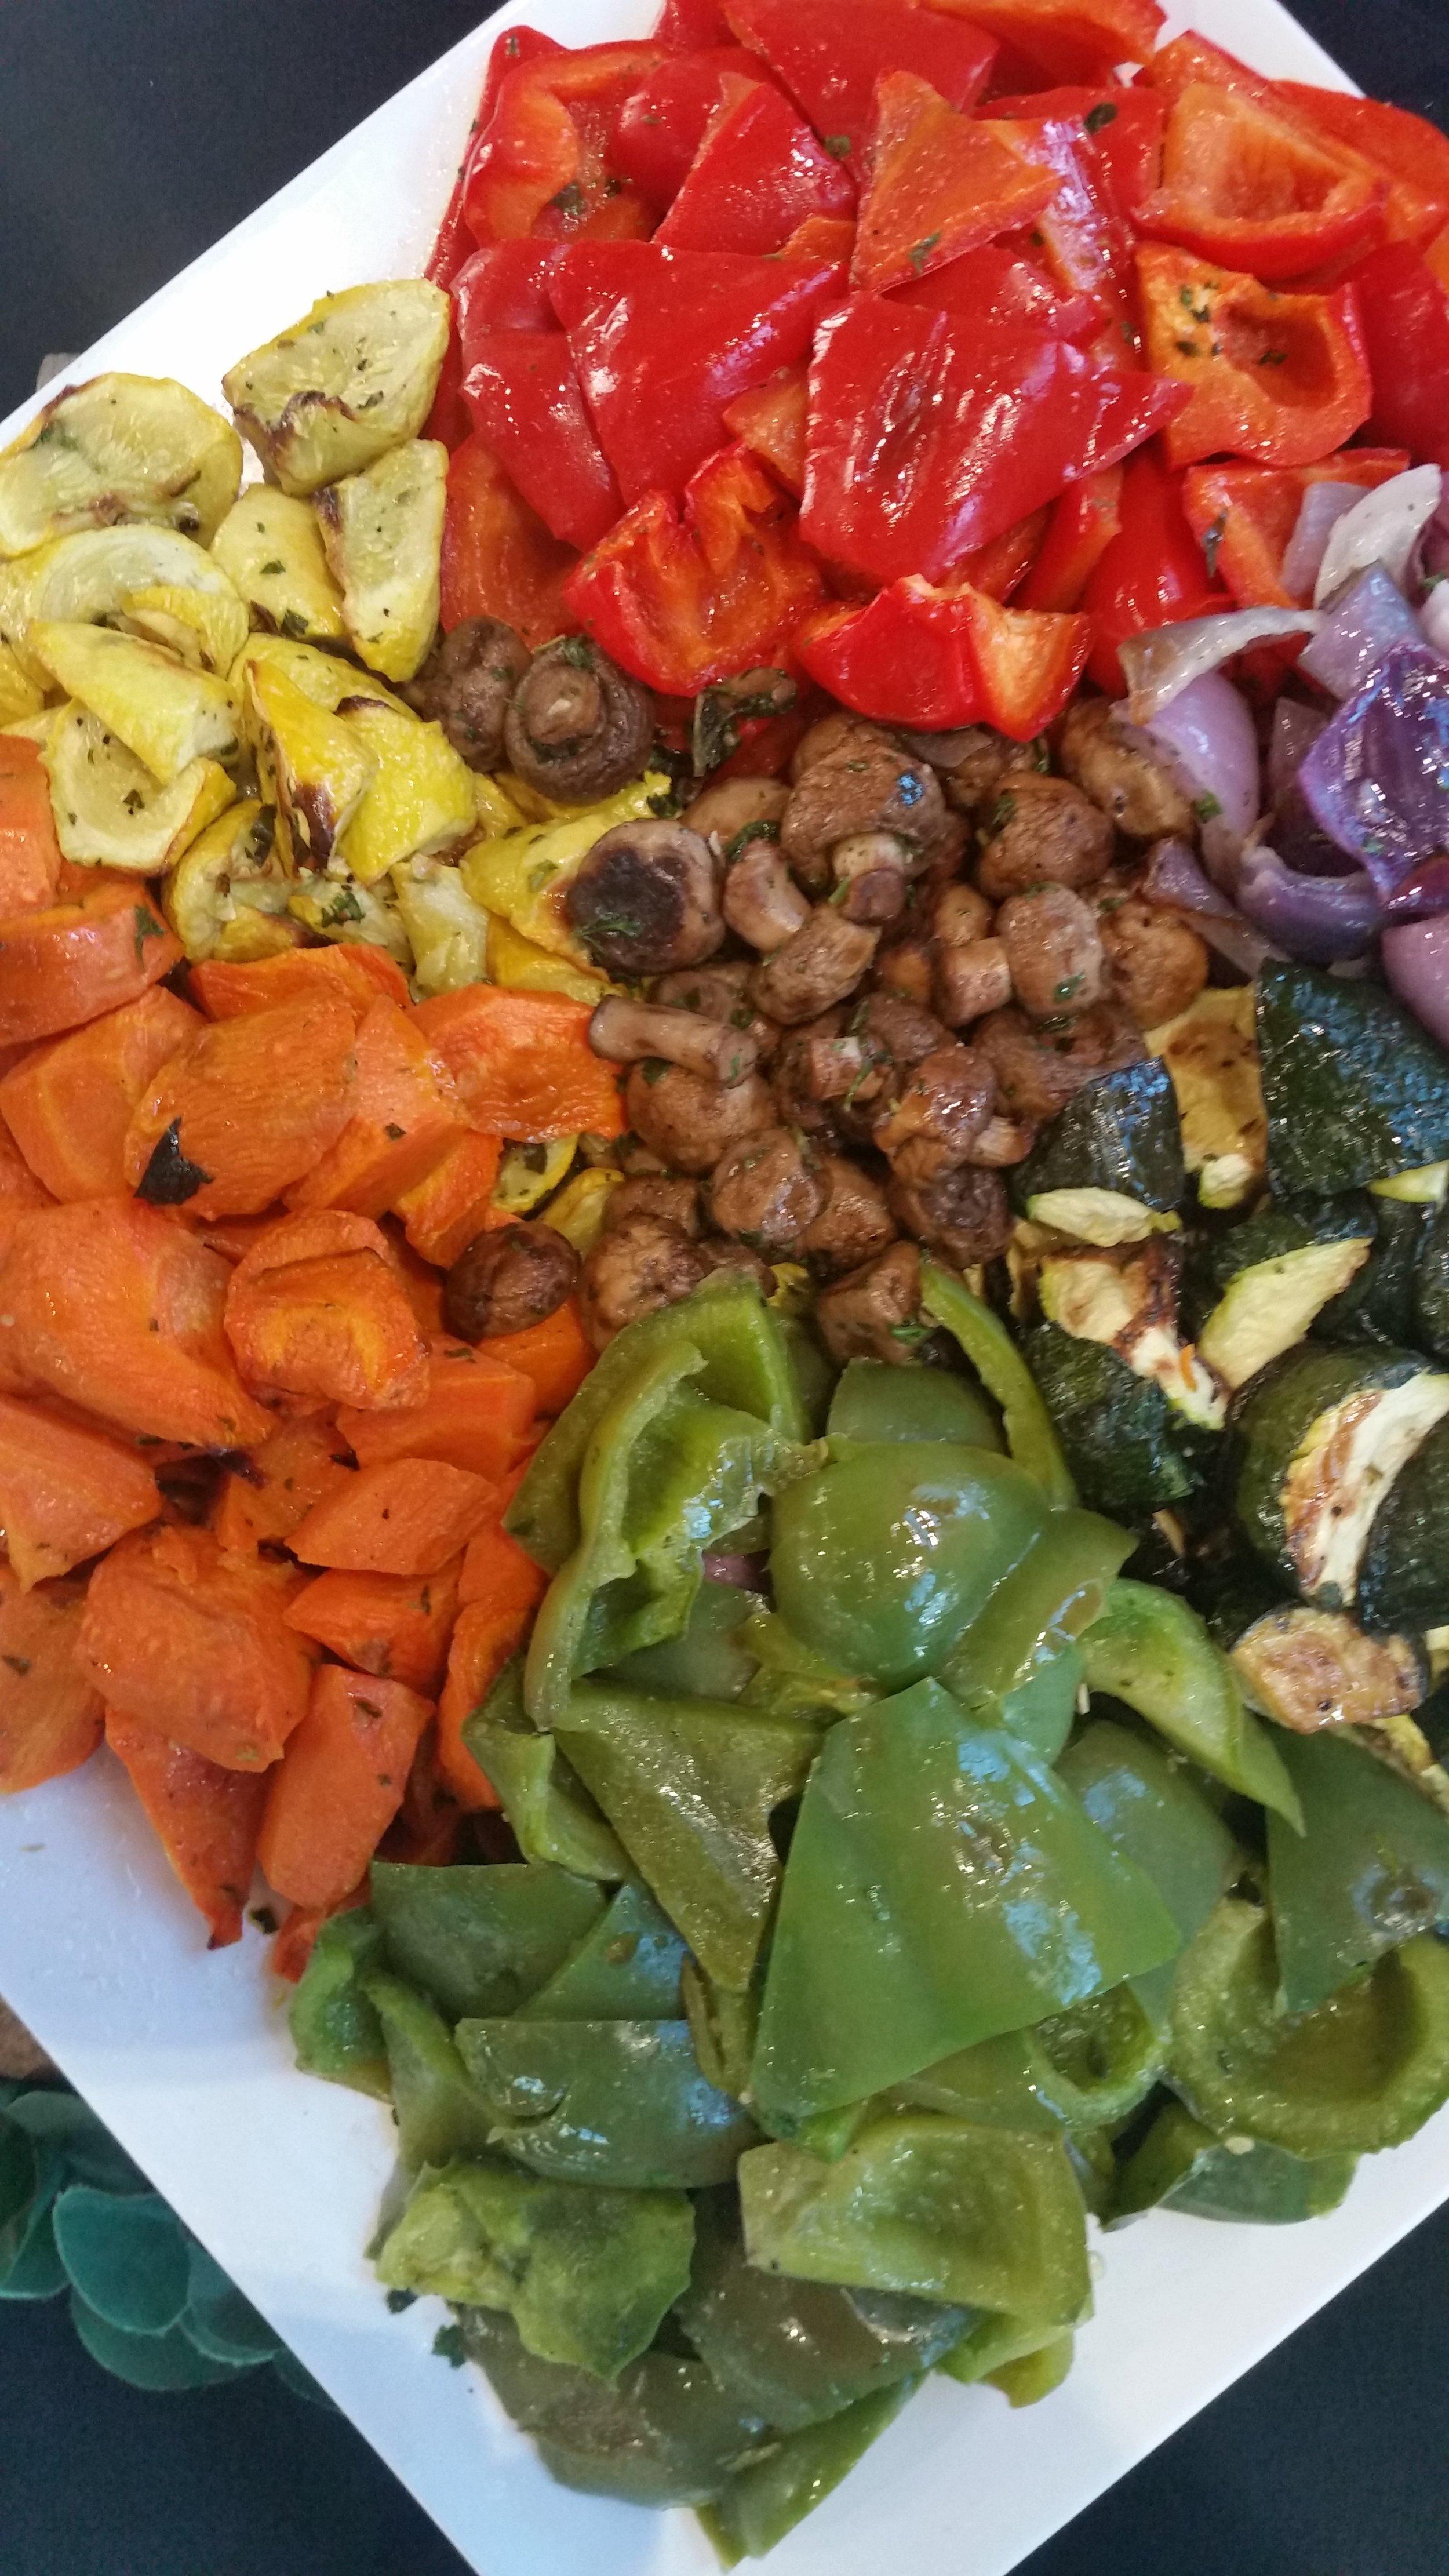 Vegetable Platter.jpg